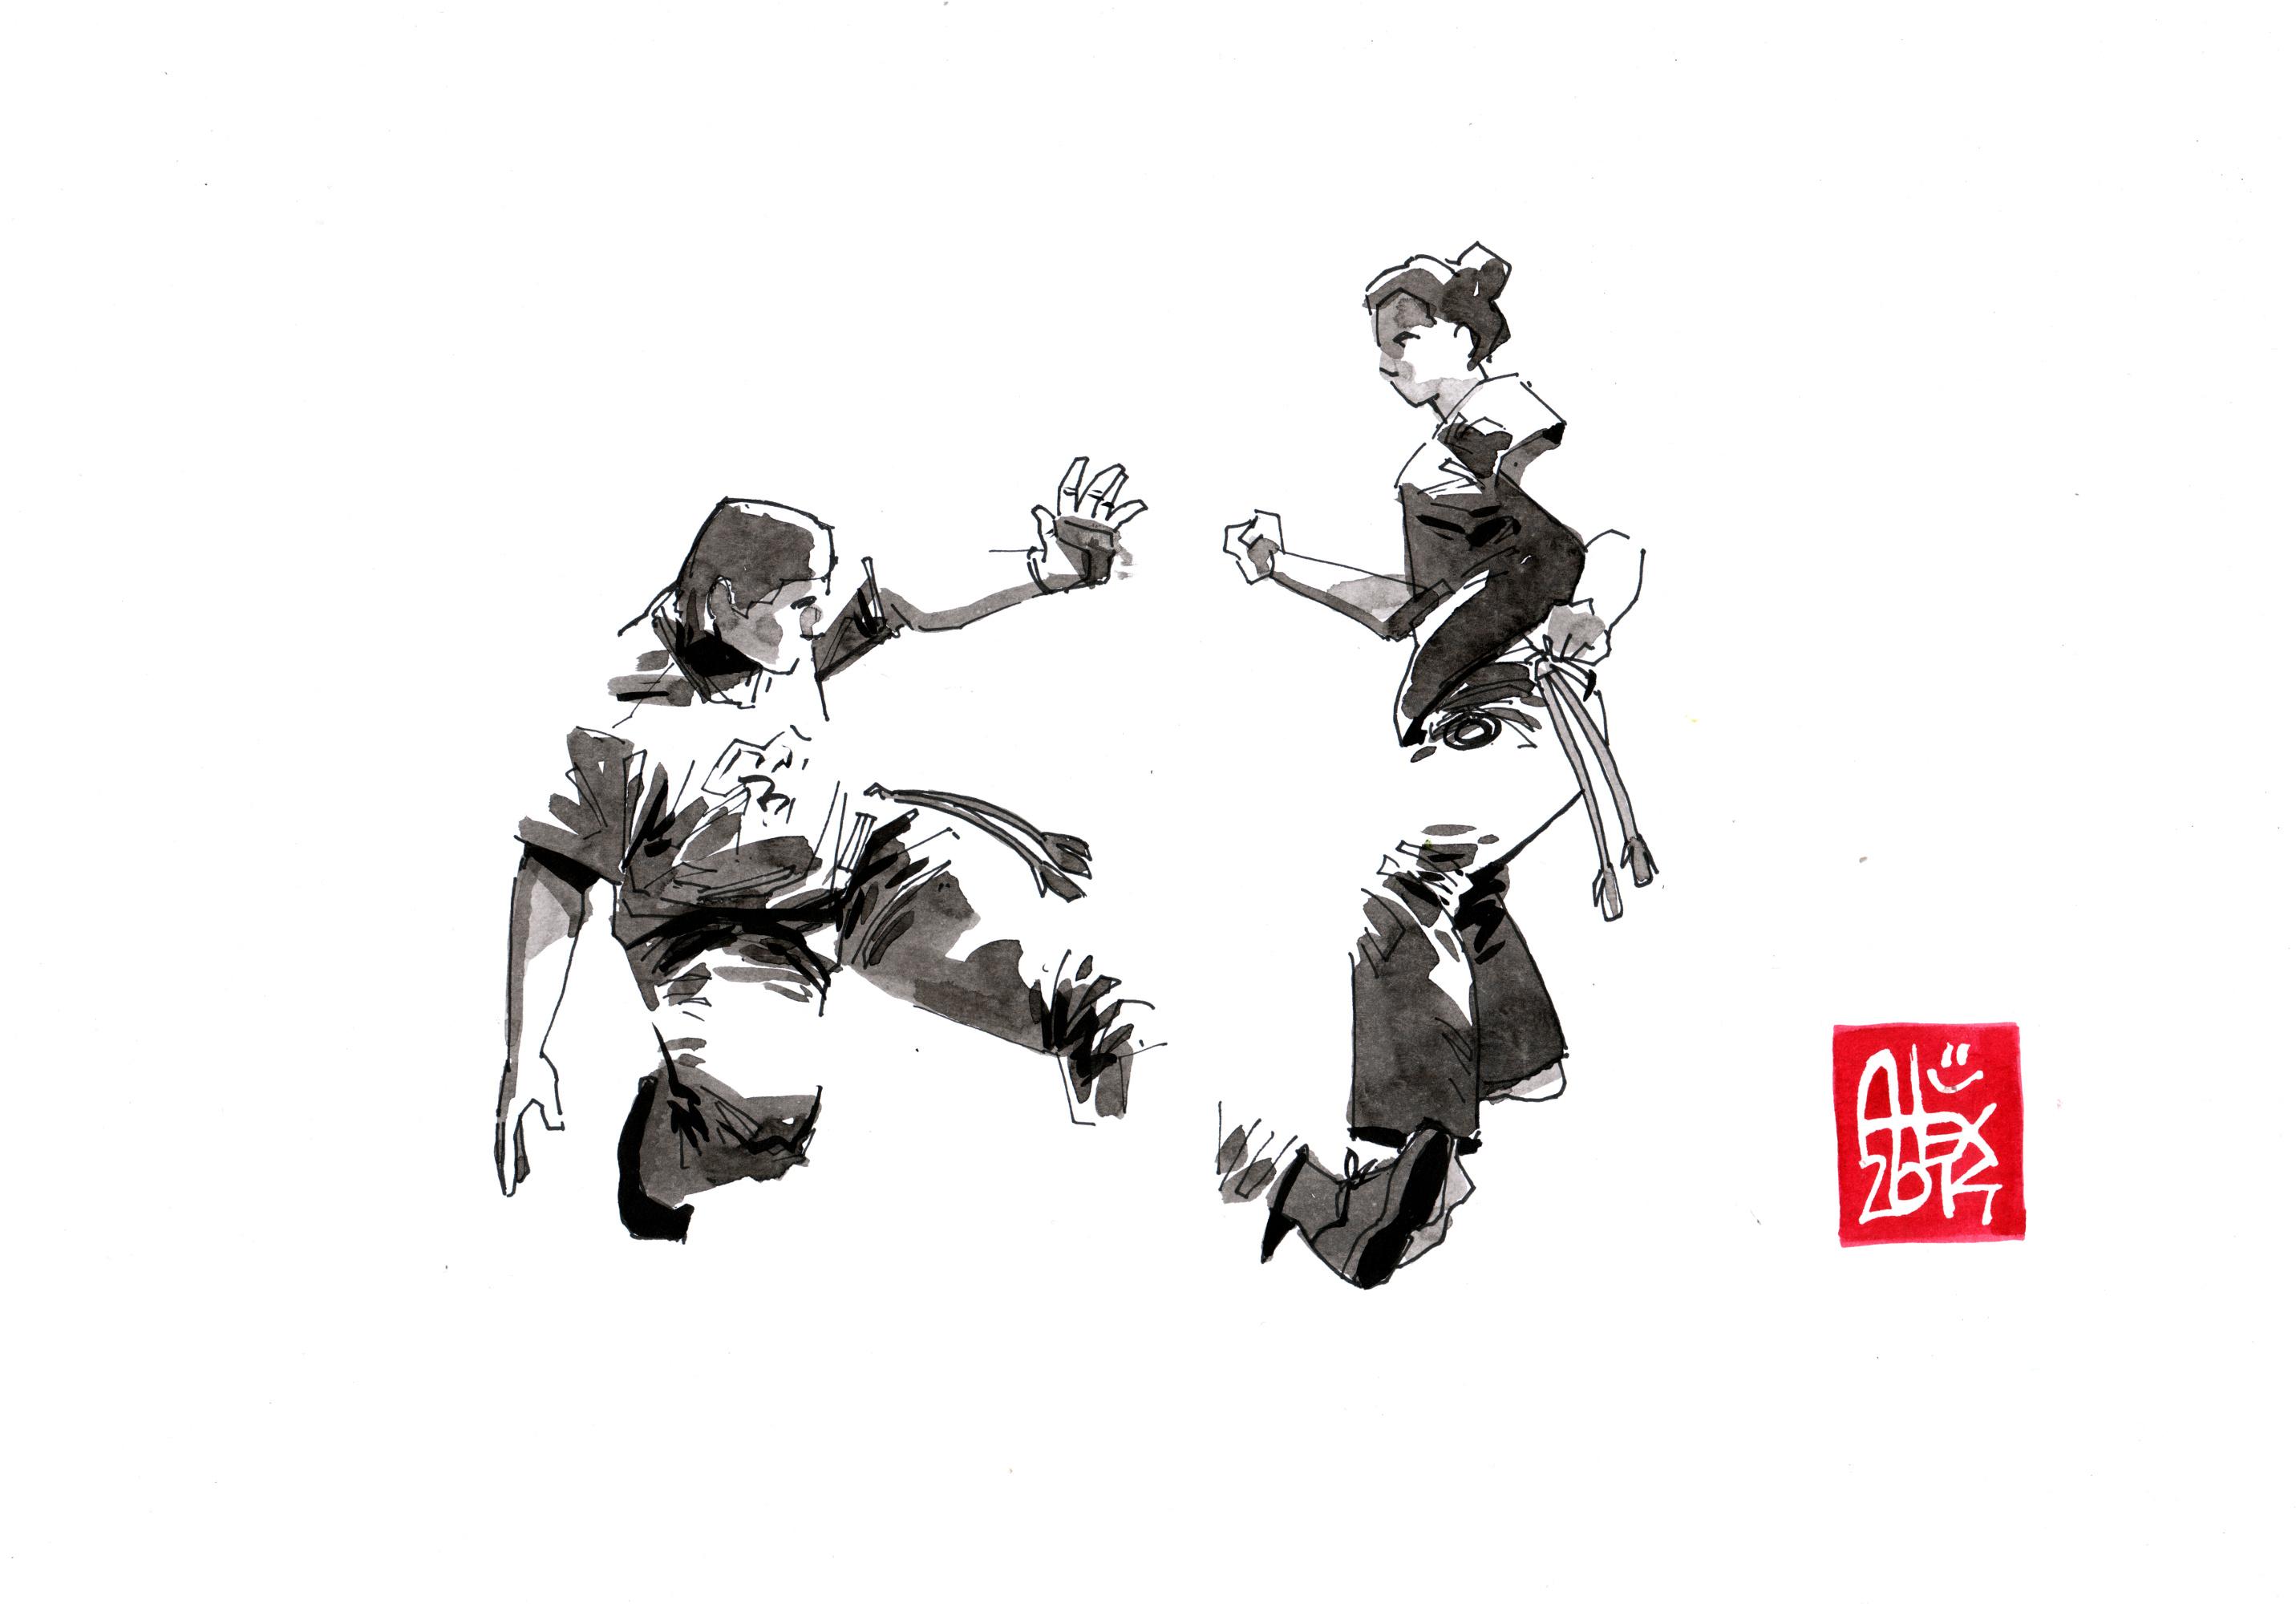 Illustration : Capoeira – 674 [ #capoeira #watercolor #illustration] aquarelle sur papier 180gr / watercolor on paper 180gr 21x 29.7 cm / 8.3 x 11.7 in